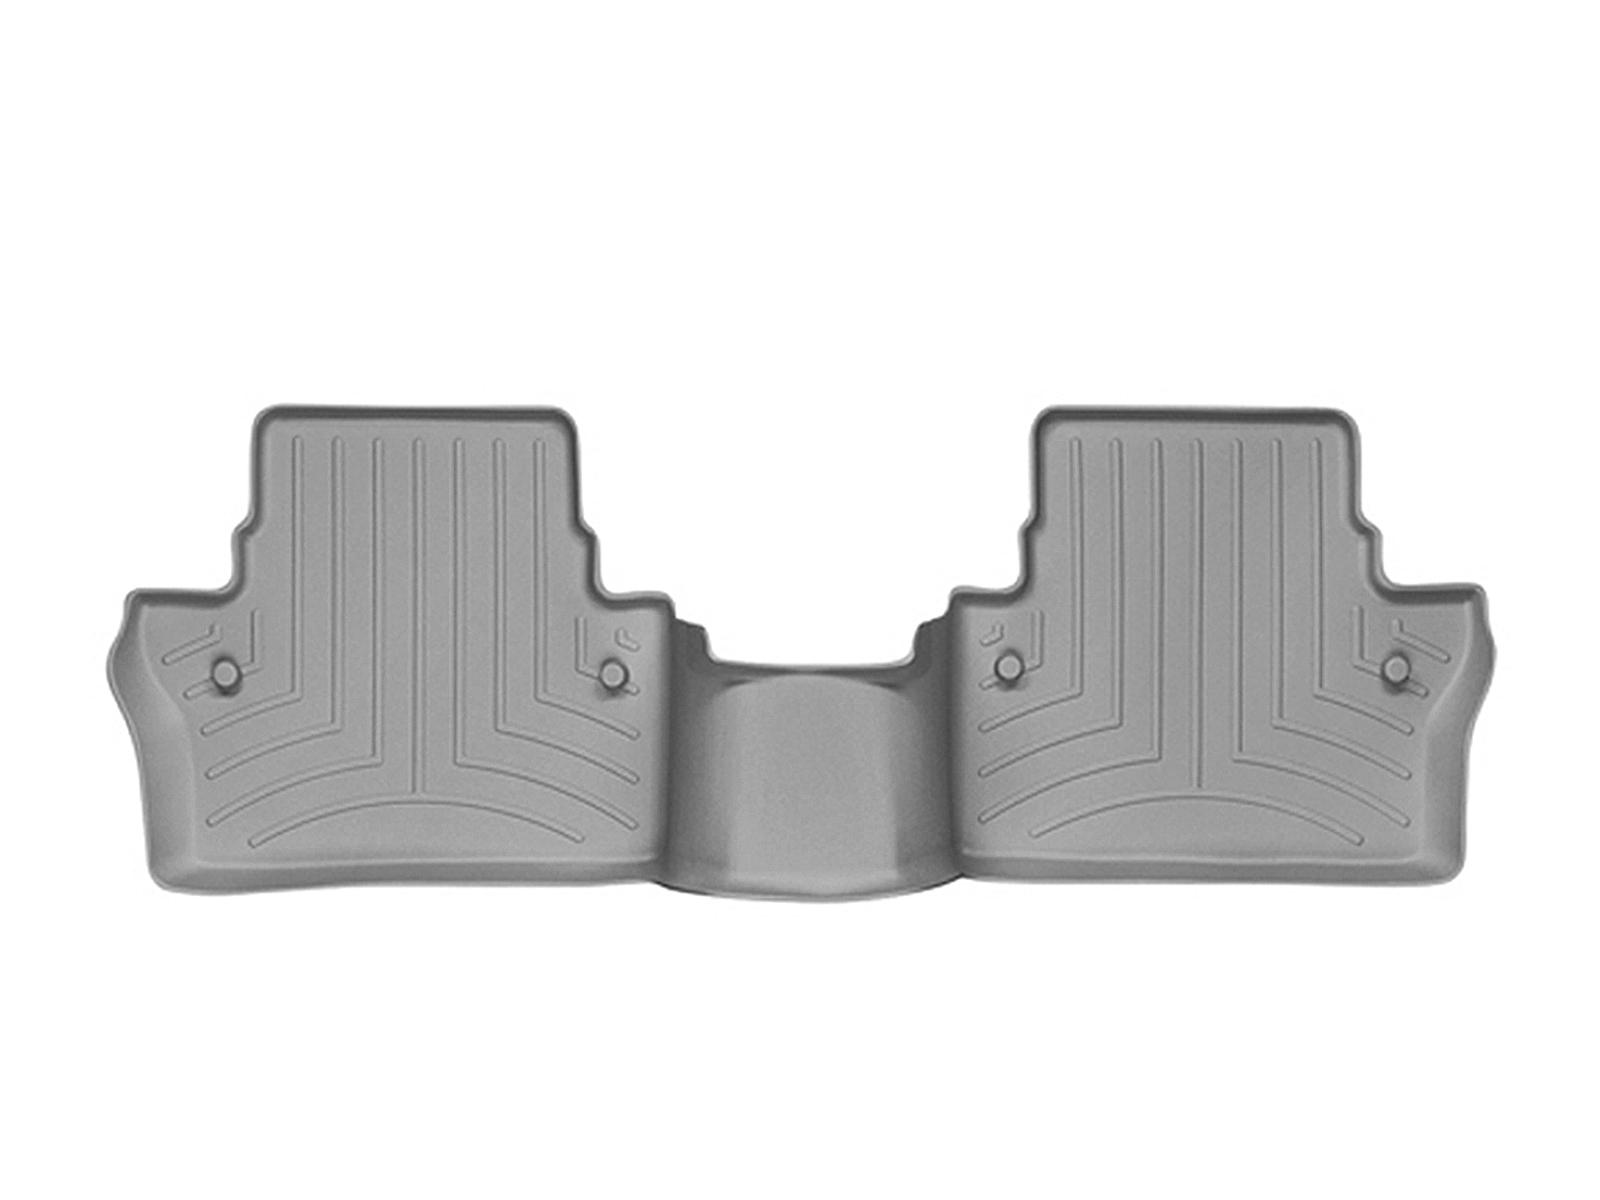 Tappeti gomma su misura bordo alto Volvo XC70 07>07 Grigio A4426*